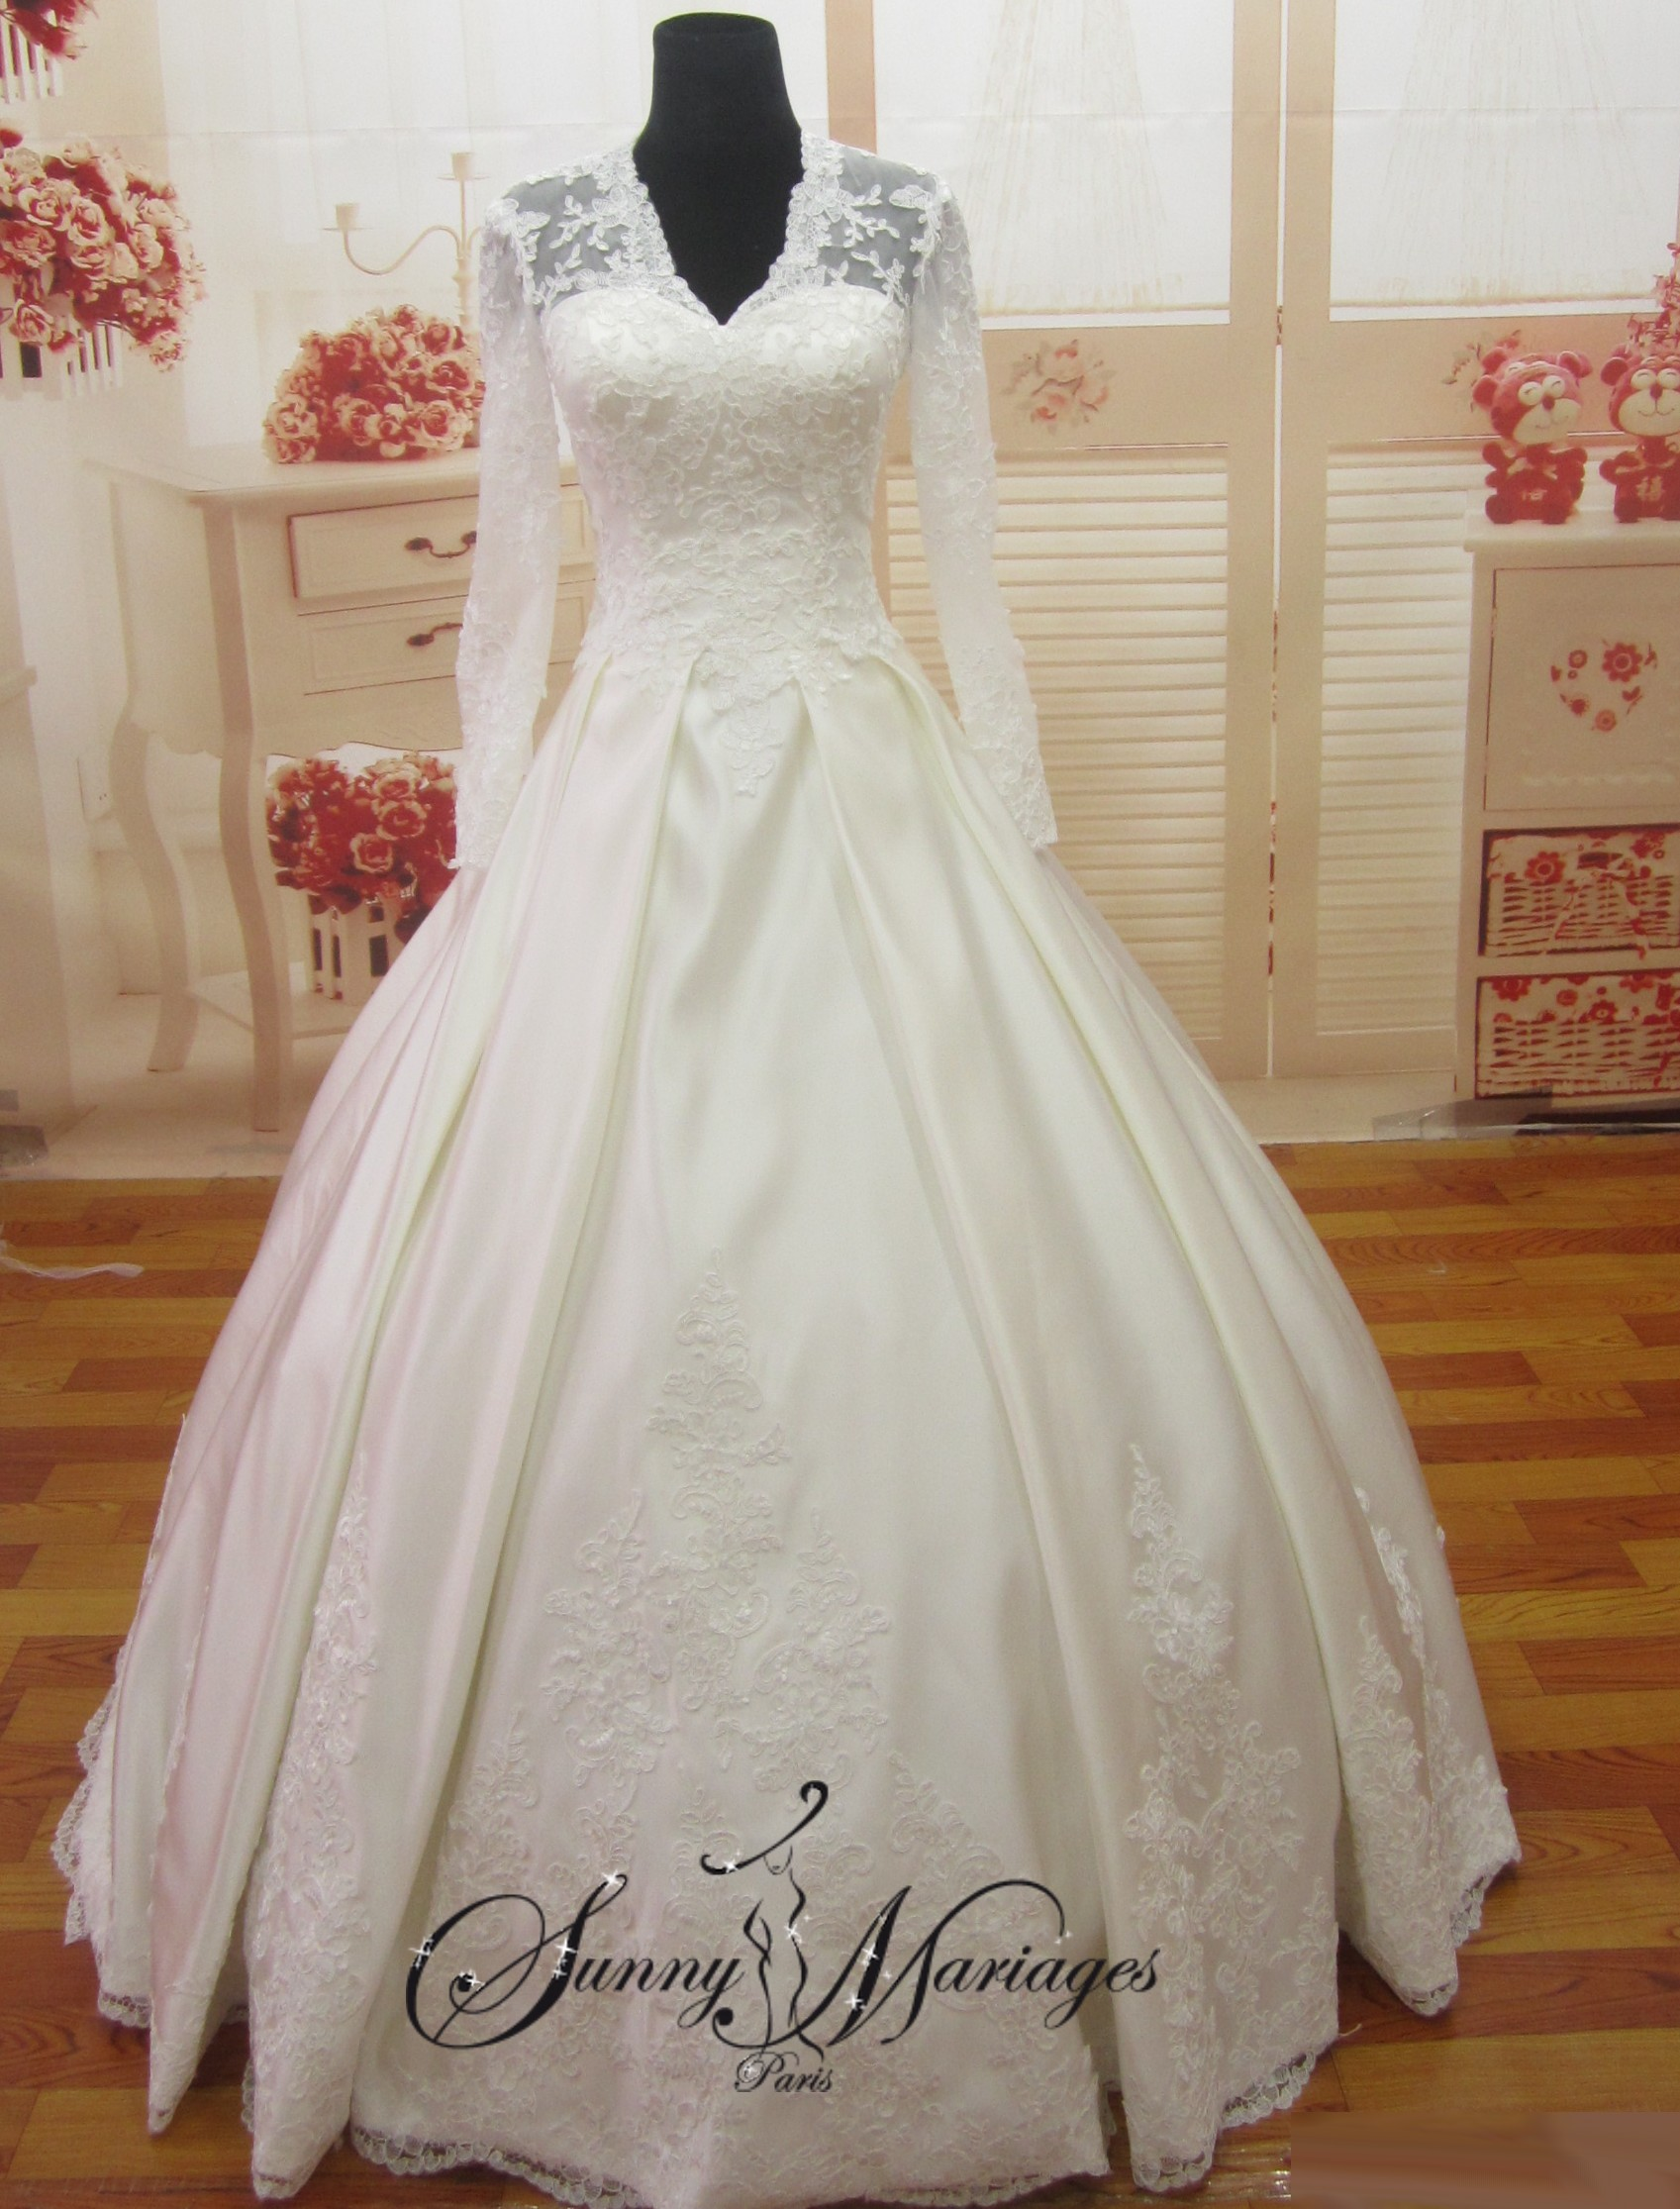 robes de mariage robes de mariee robe de mariee princesse kate middleton dentelle manches. Black Bedroom Furniture Sets. Home Design Ideas